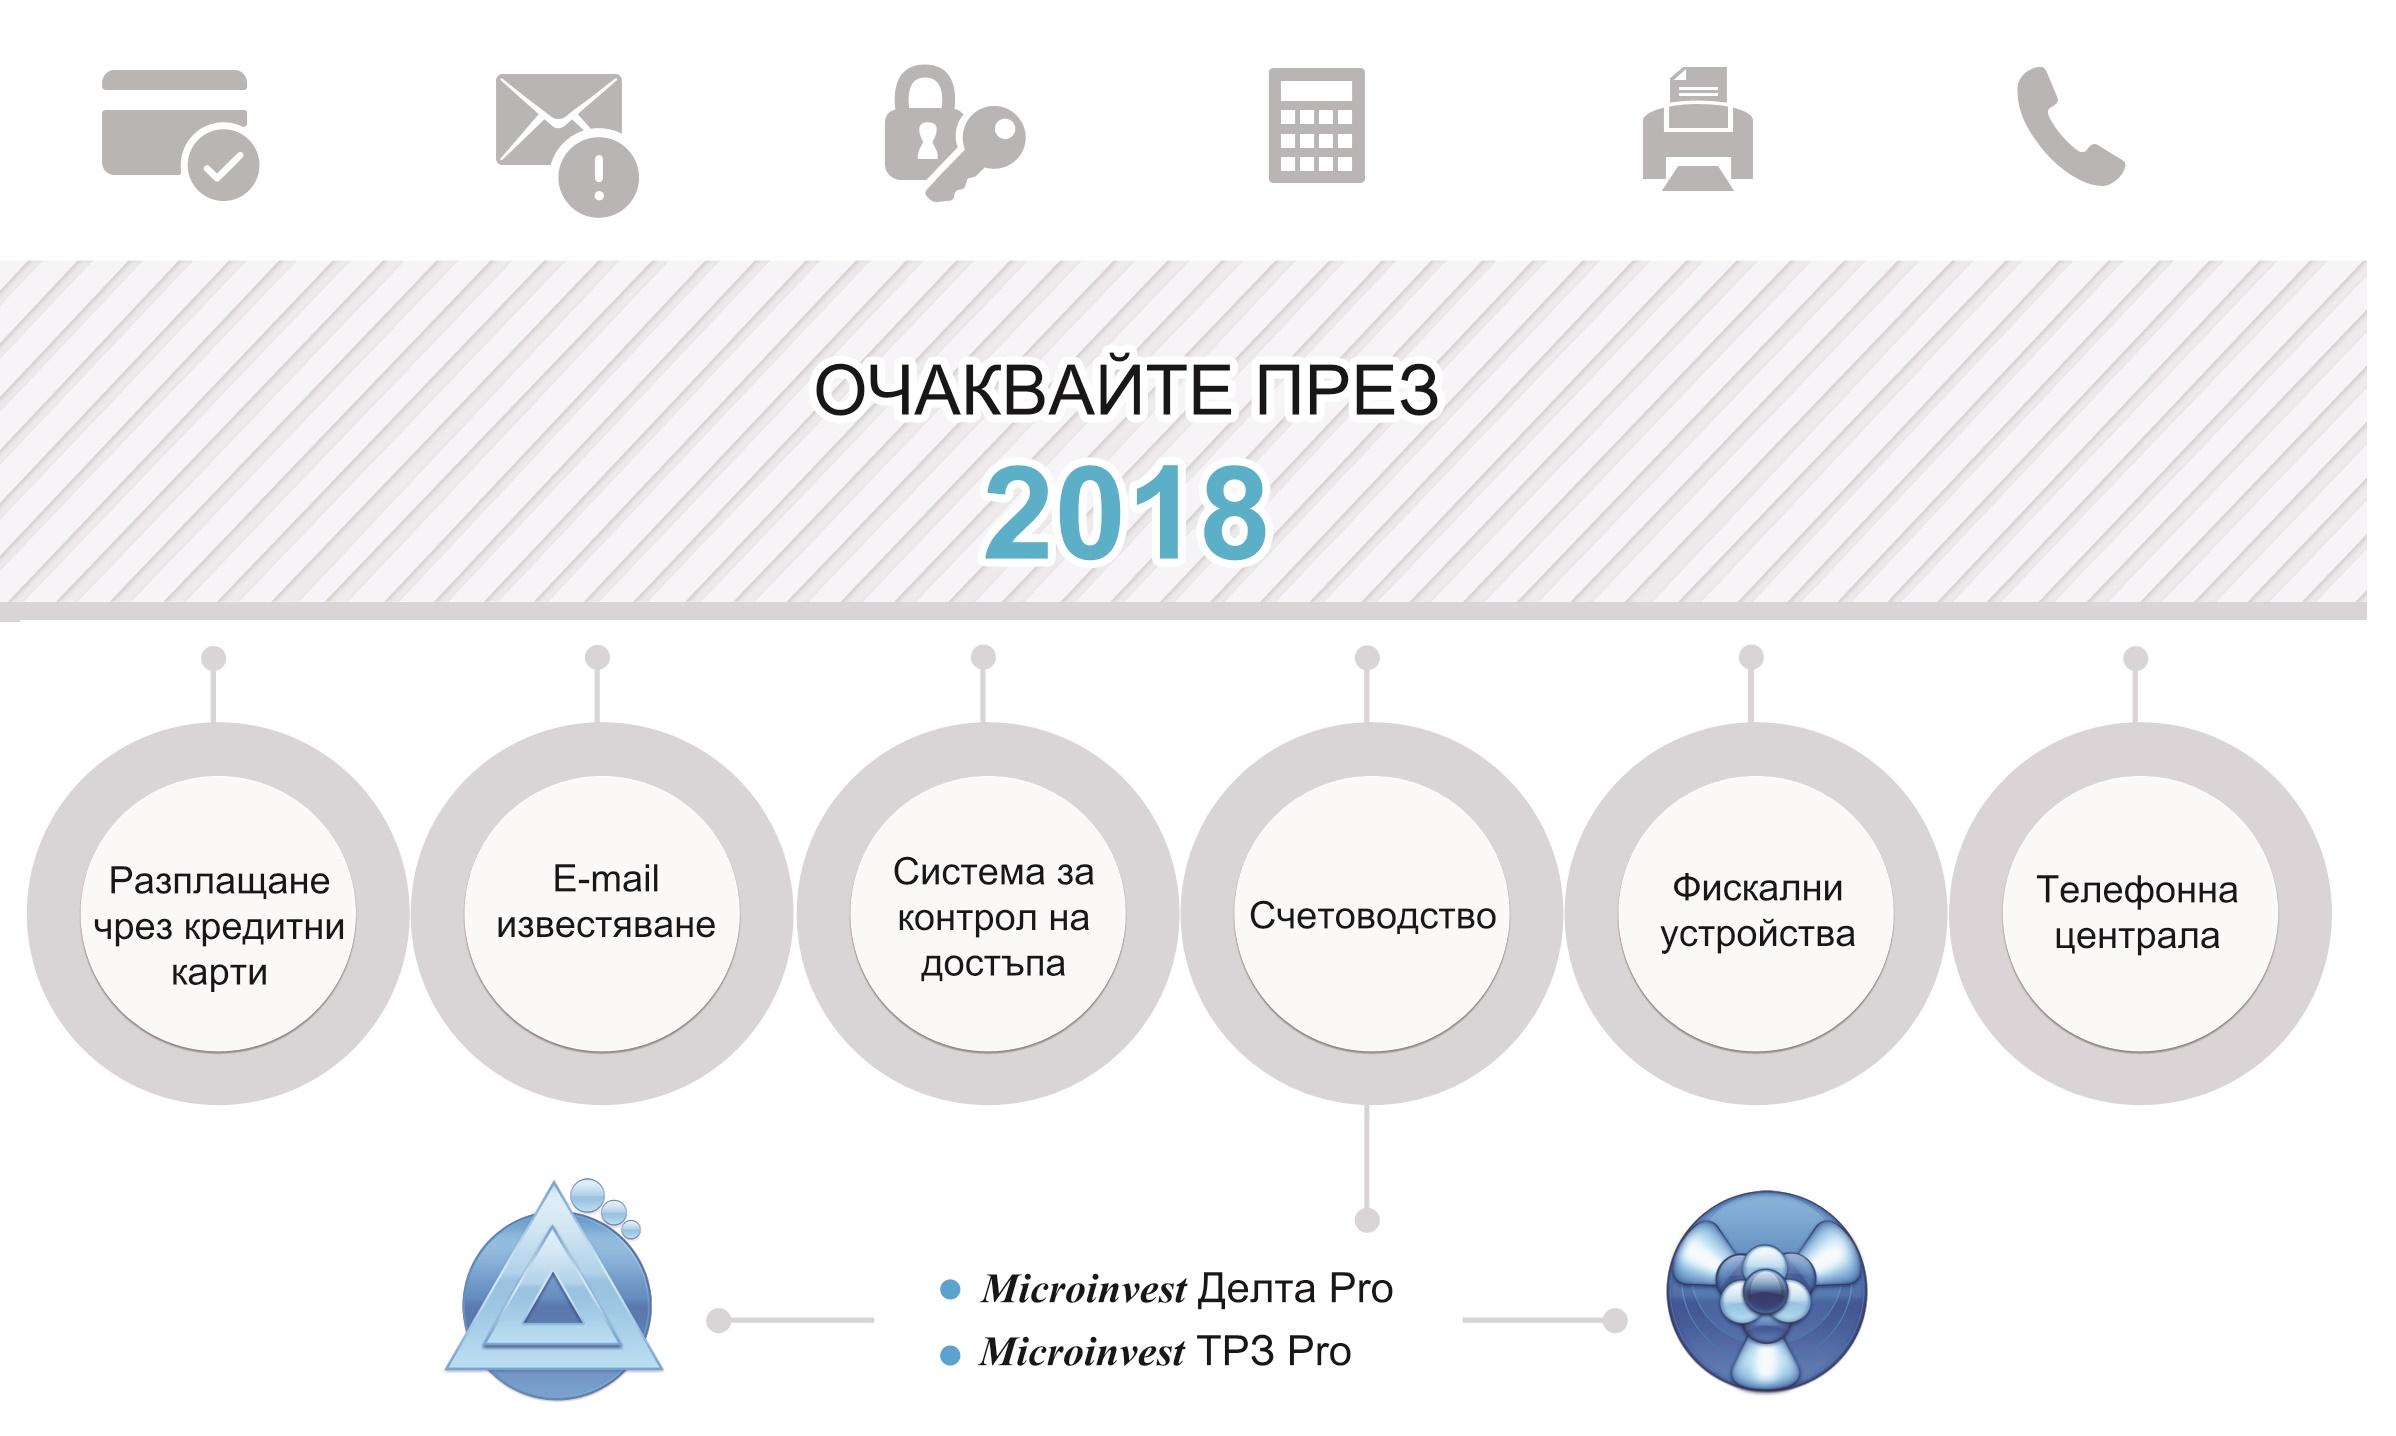 Очаквайте функционалности през 2018